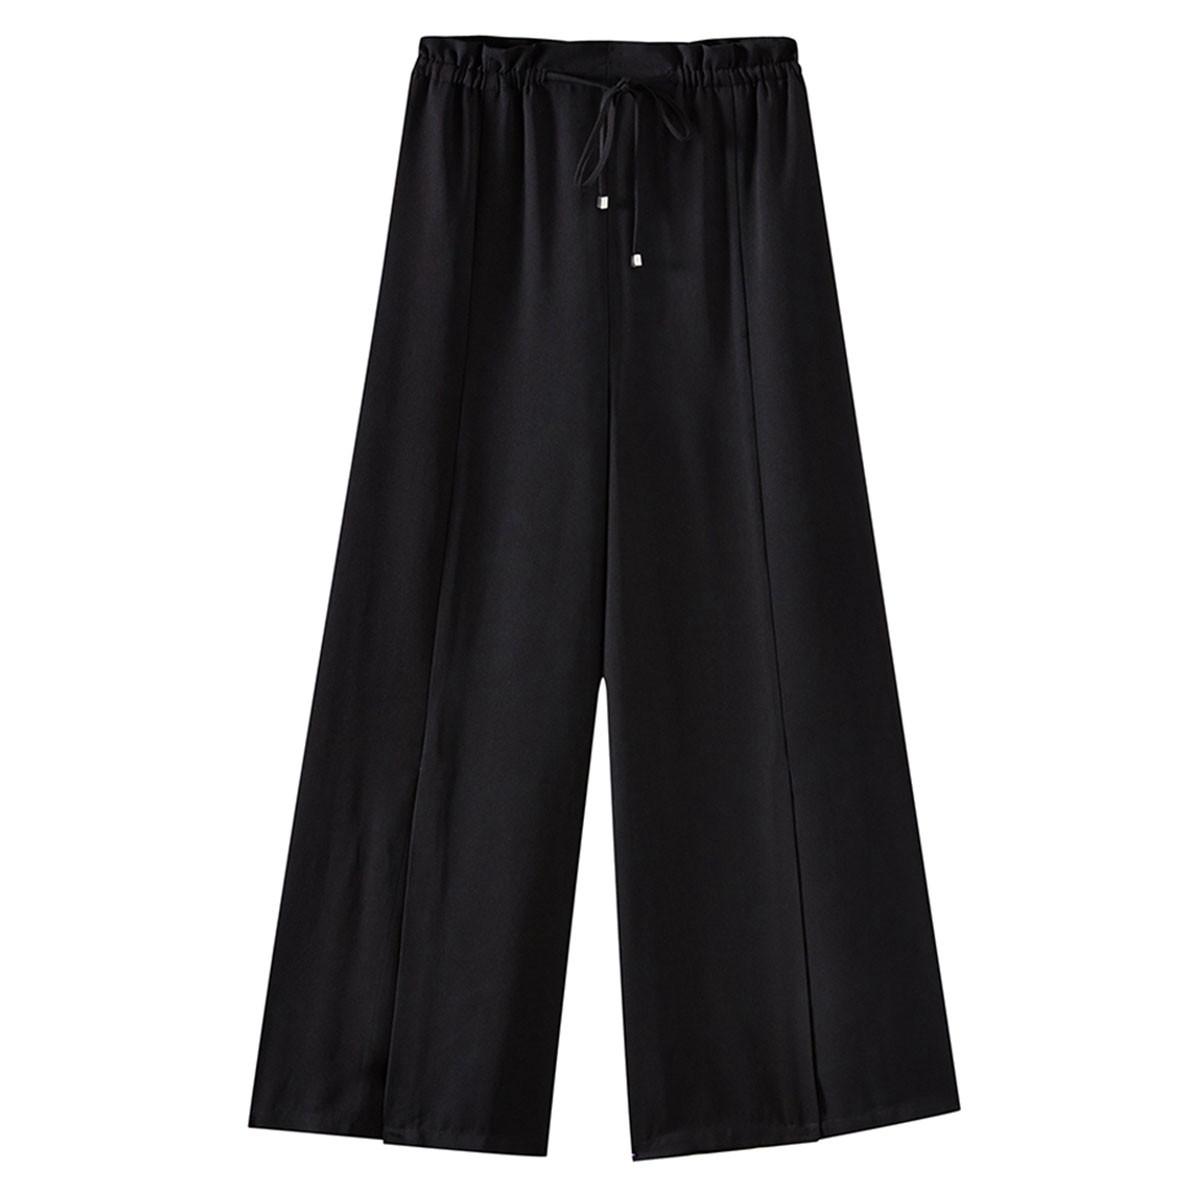 Meters bonwe 美特斯邦威 753W9011637911P734732 女士阔腿休闲裤